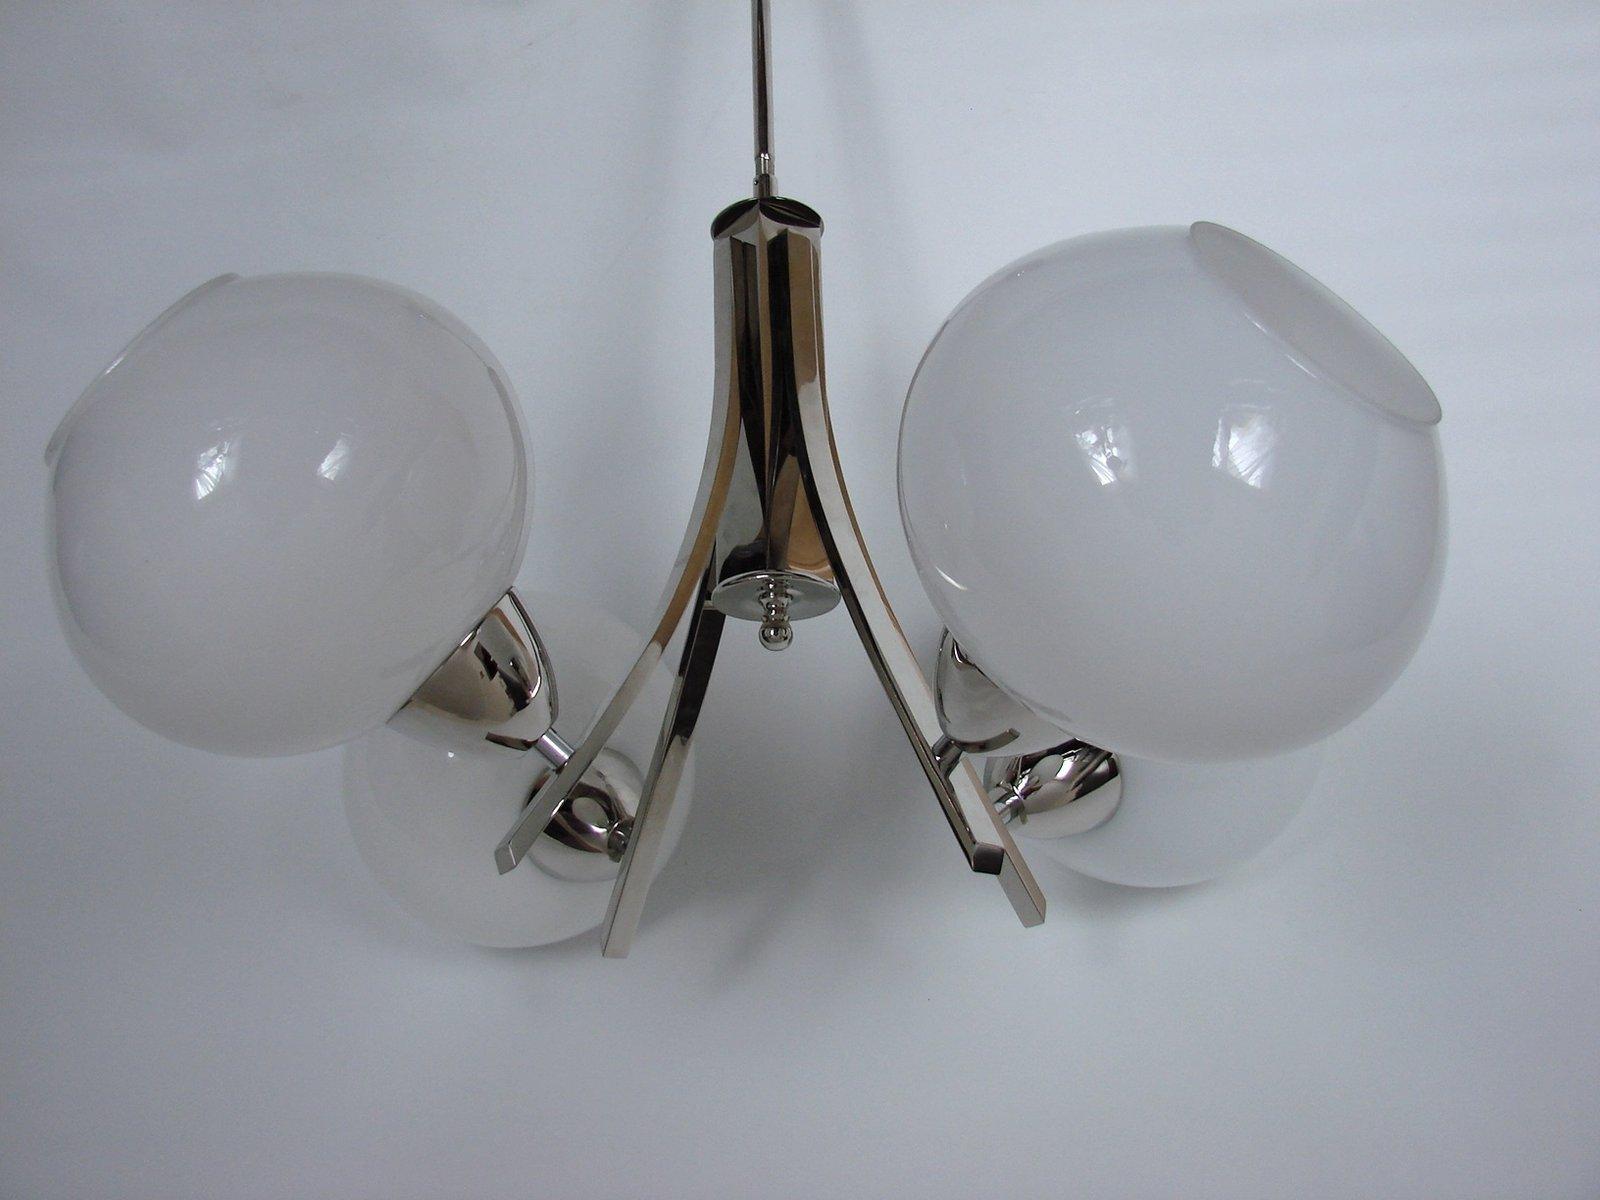 Kronleuchter Vintage Silber ~ Vintage kronleuchter aus transparentem getöntem kristallglas mit